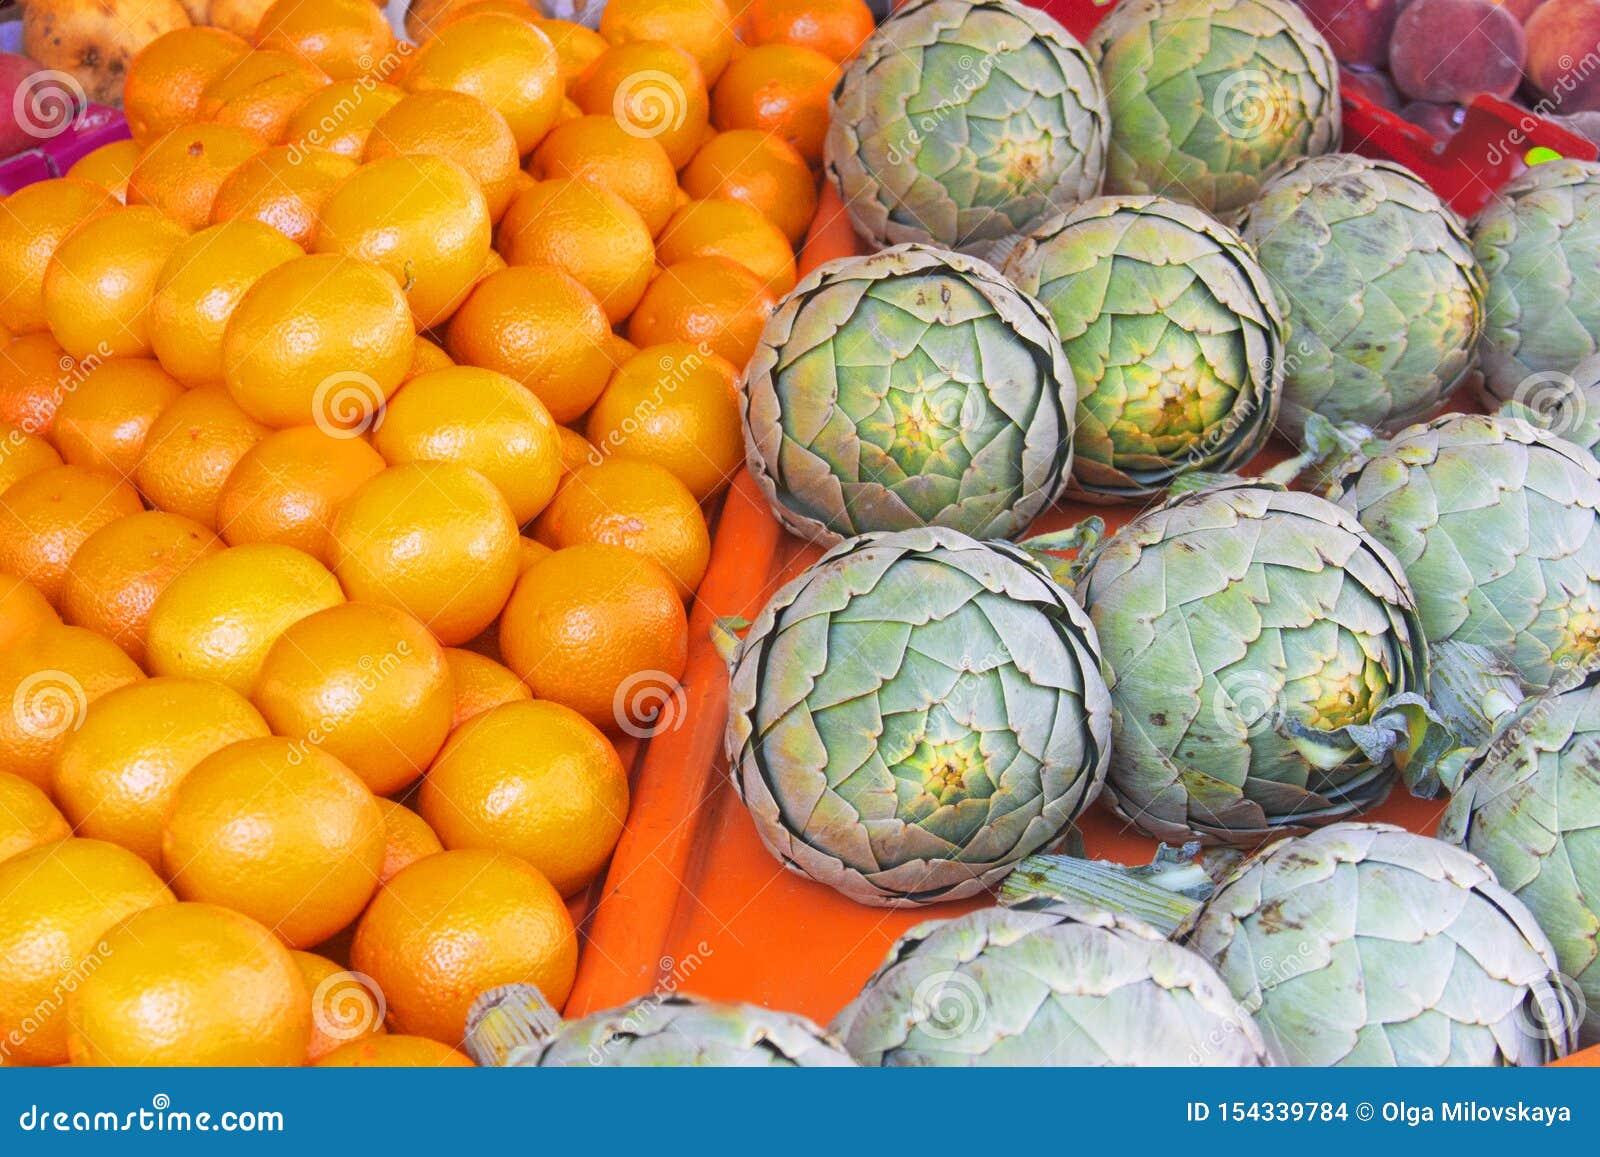 Resh有机蔬菜和水果在农夫市场上